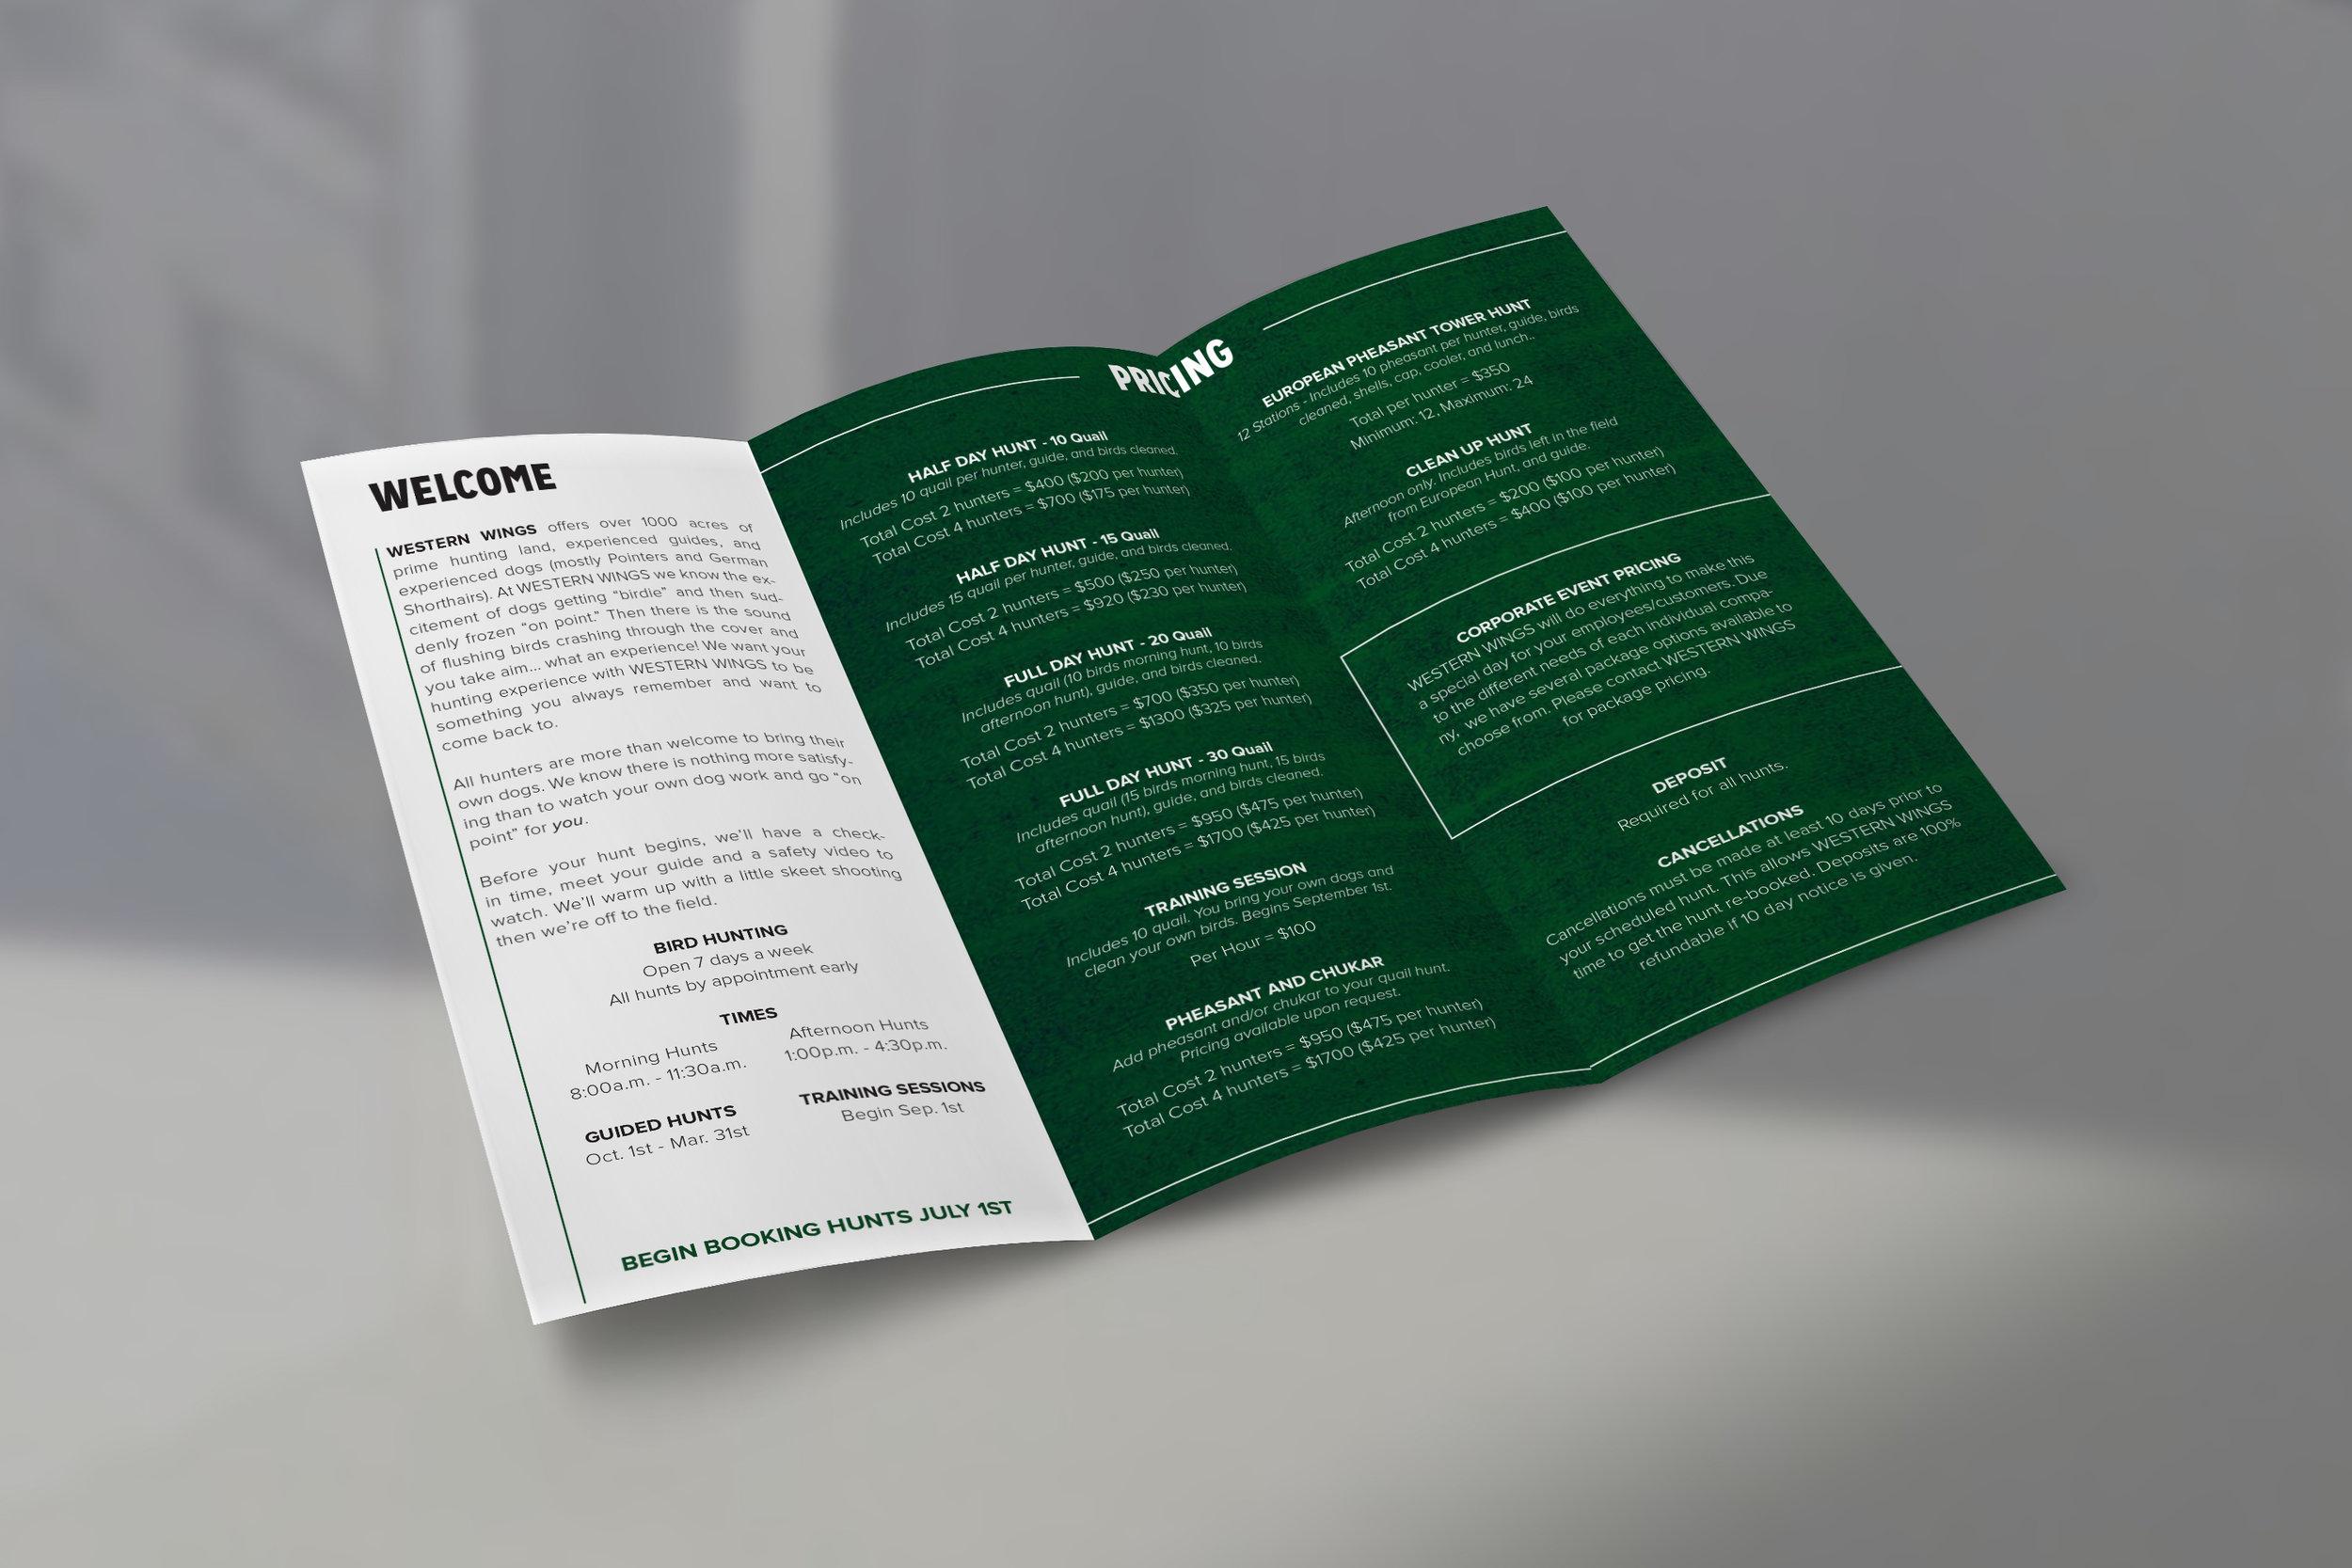 WW-Brochure-Fold-MockupInside.jpg